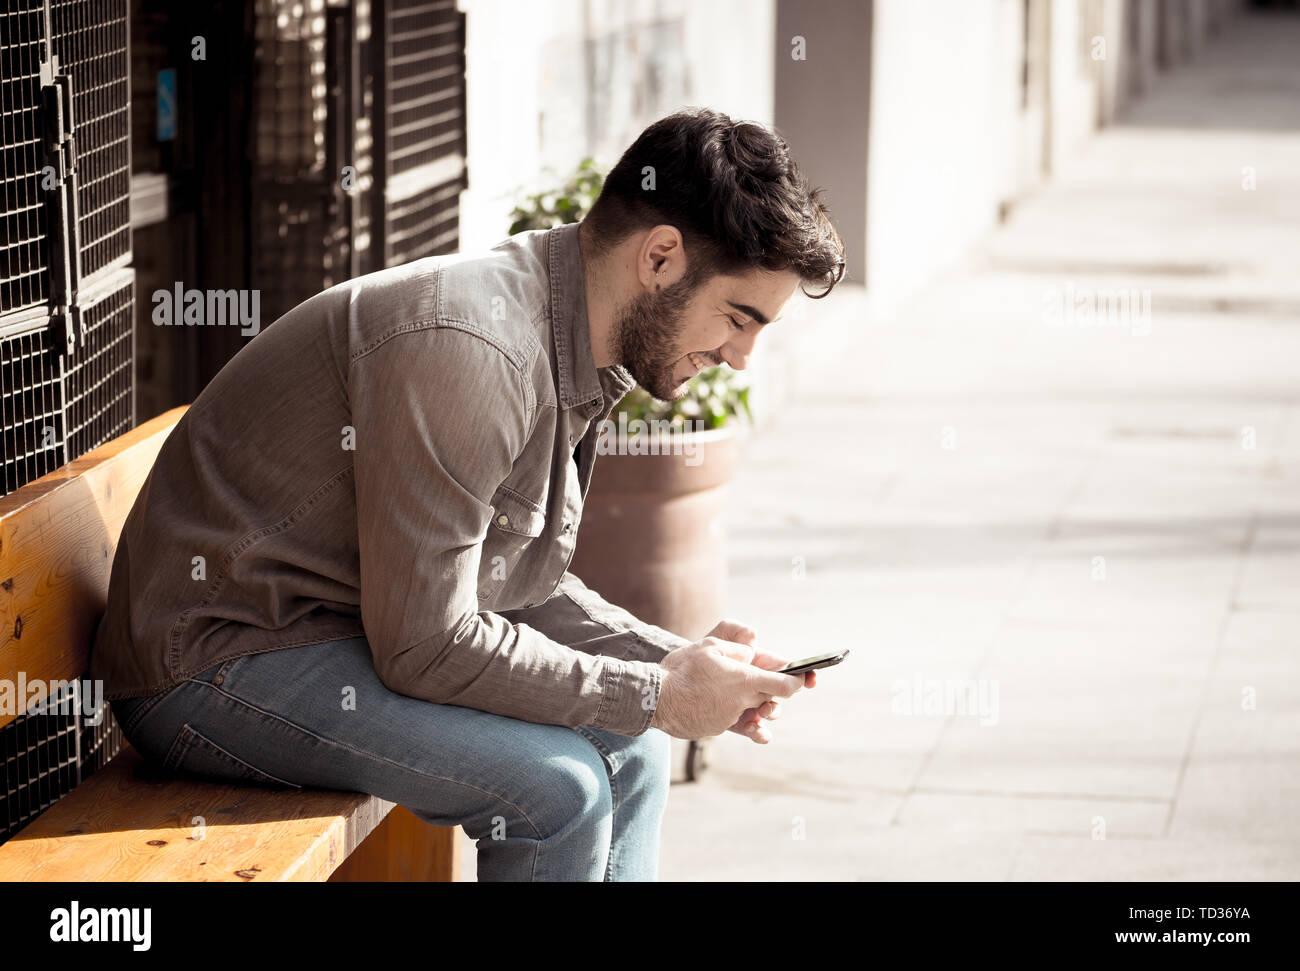 Collège de la mode homme d'une vingtaine d'heureux blog contrôle et de chatter sur internet avec des amis sur smart mobile phone app en plein air européen ville. Banque D'Images